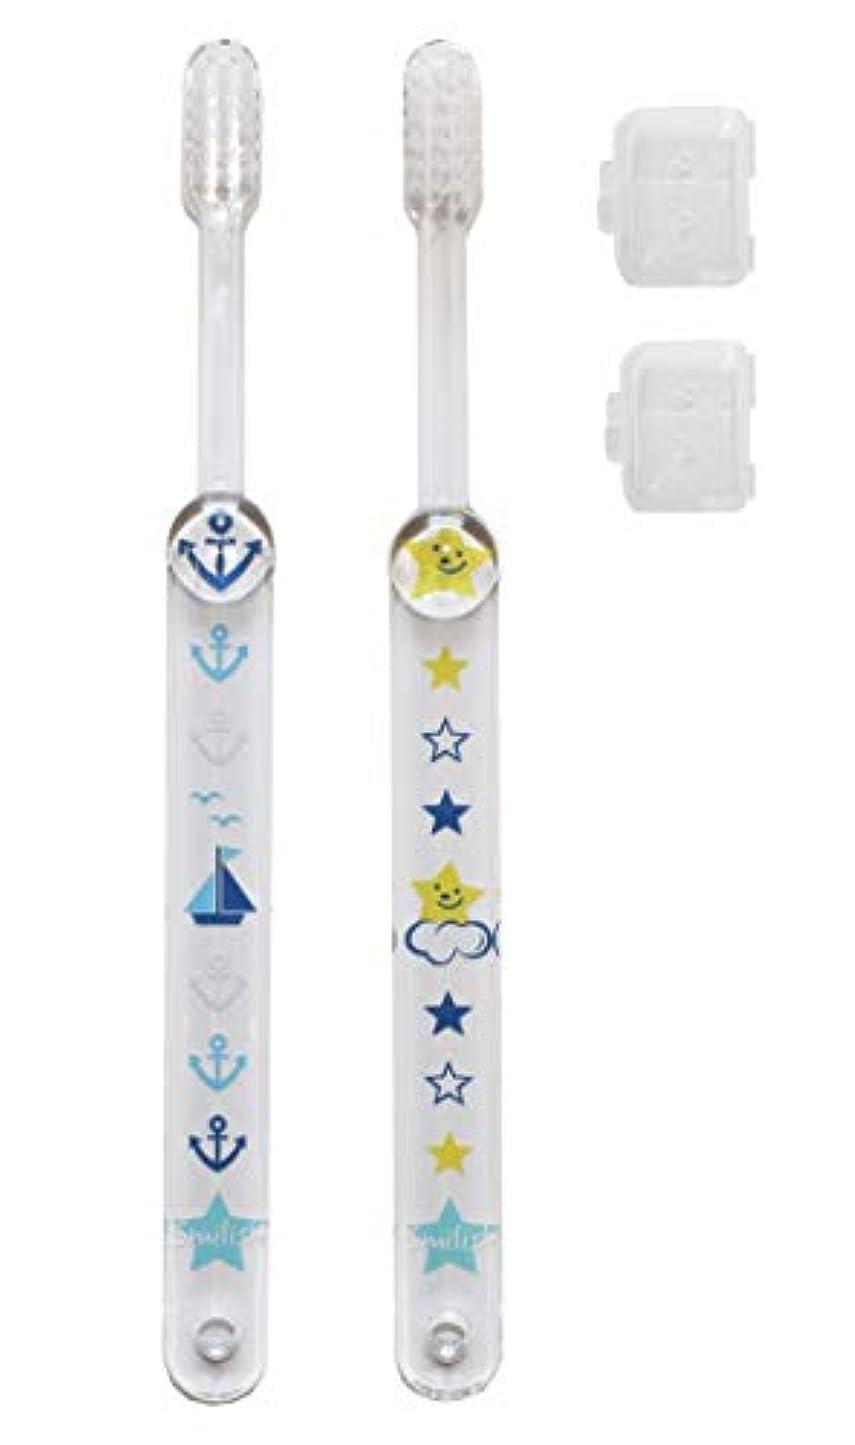 菊理論的エネルギー子ども歯ブラシ(キャップ付き)男の子 2本セット マリン スマイリースター柄